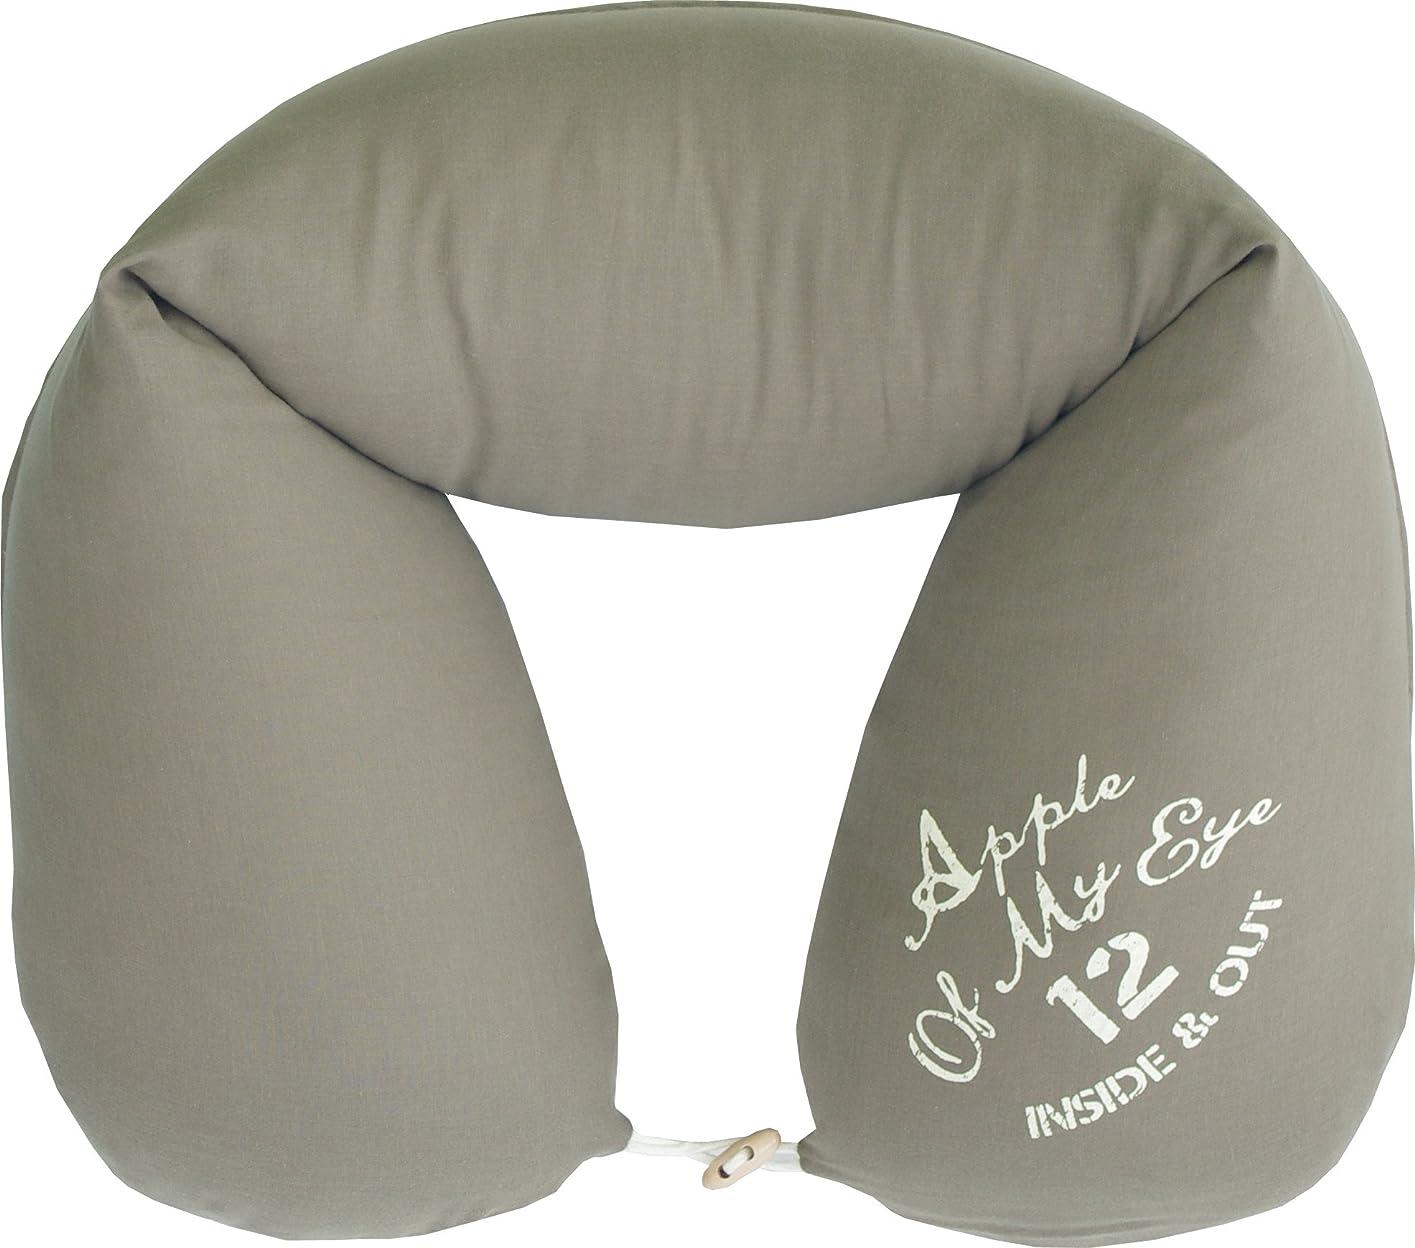 サラダウィンクおとうさんサンデシカ ロング授乳クッション(抱き枕) カーキ 4202-9999-52